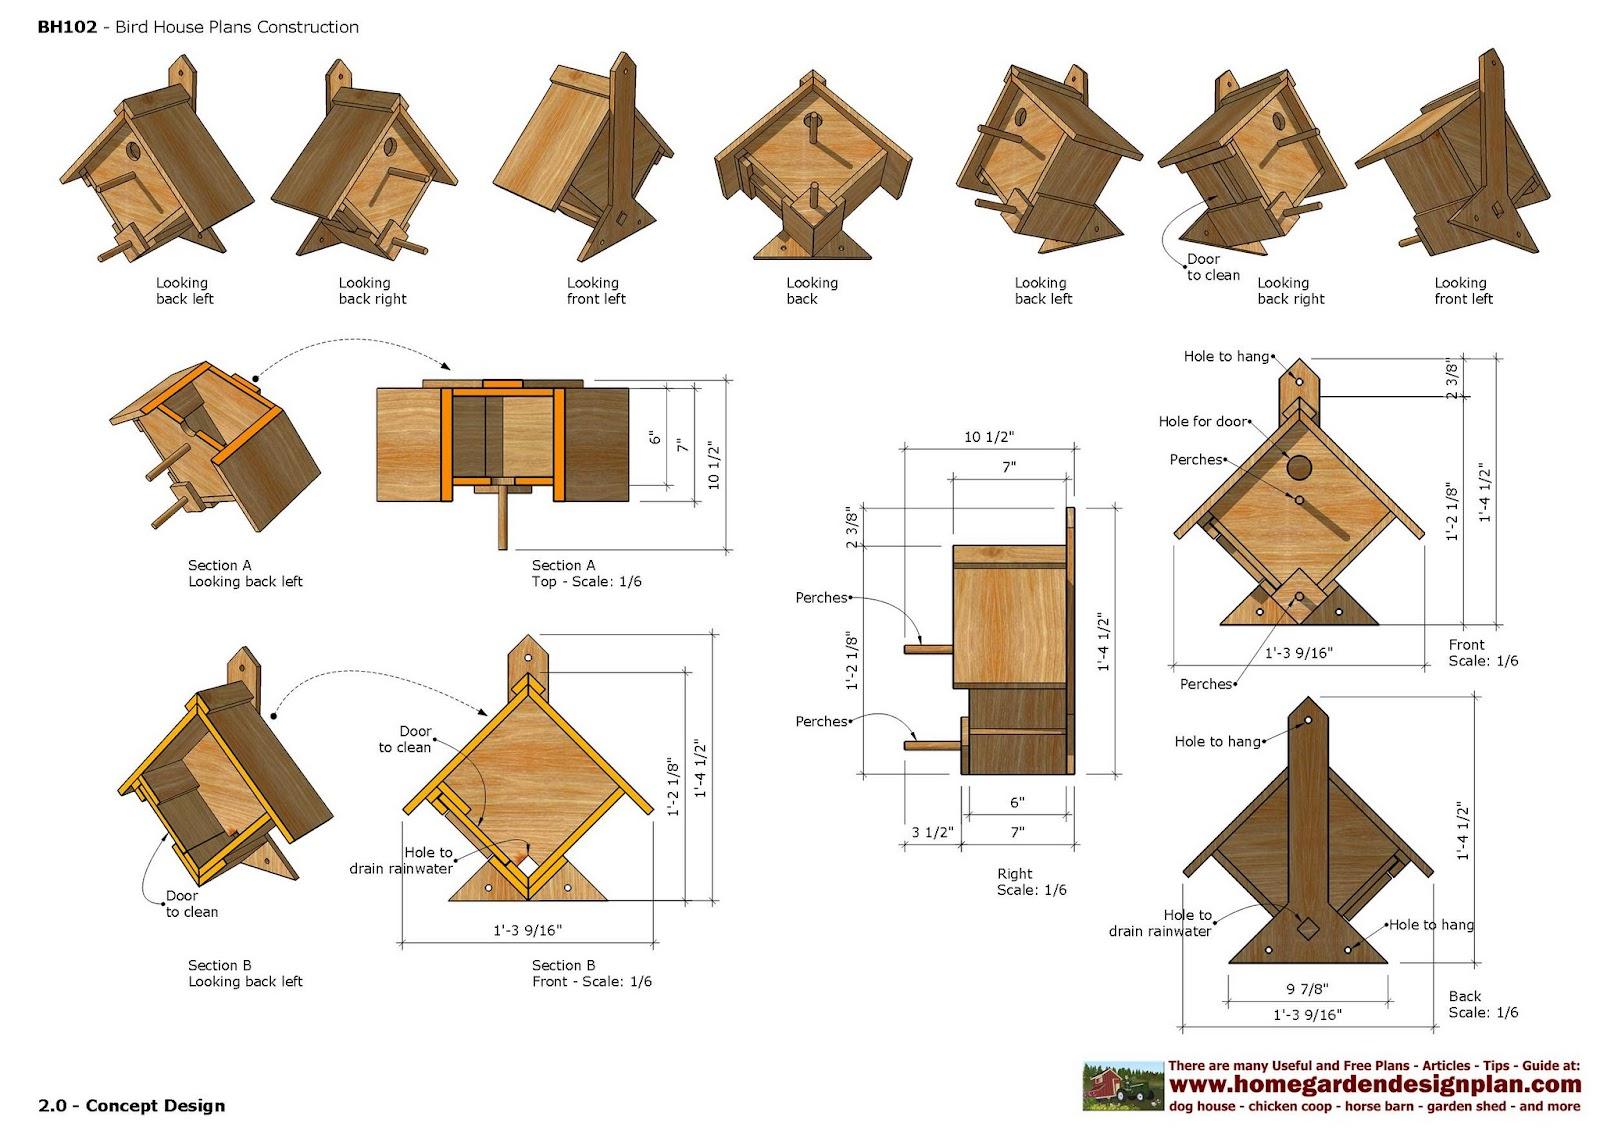 Home garden plans bh bird house plans construction for House construction plan